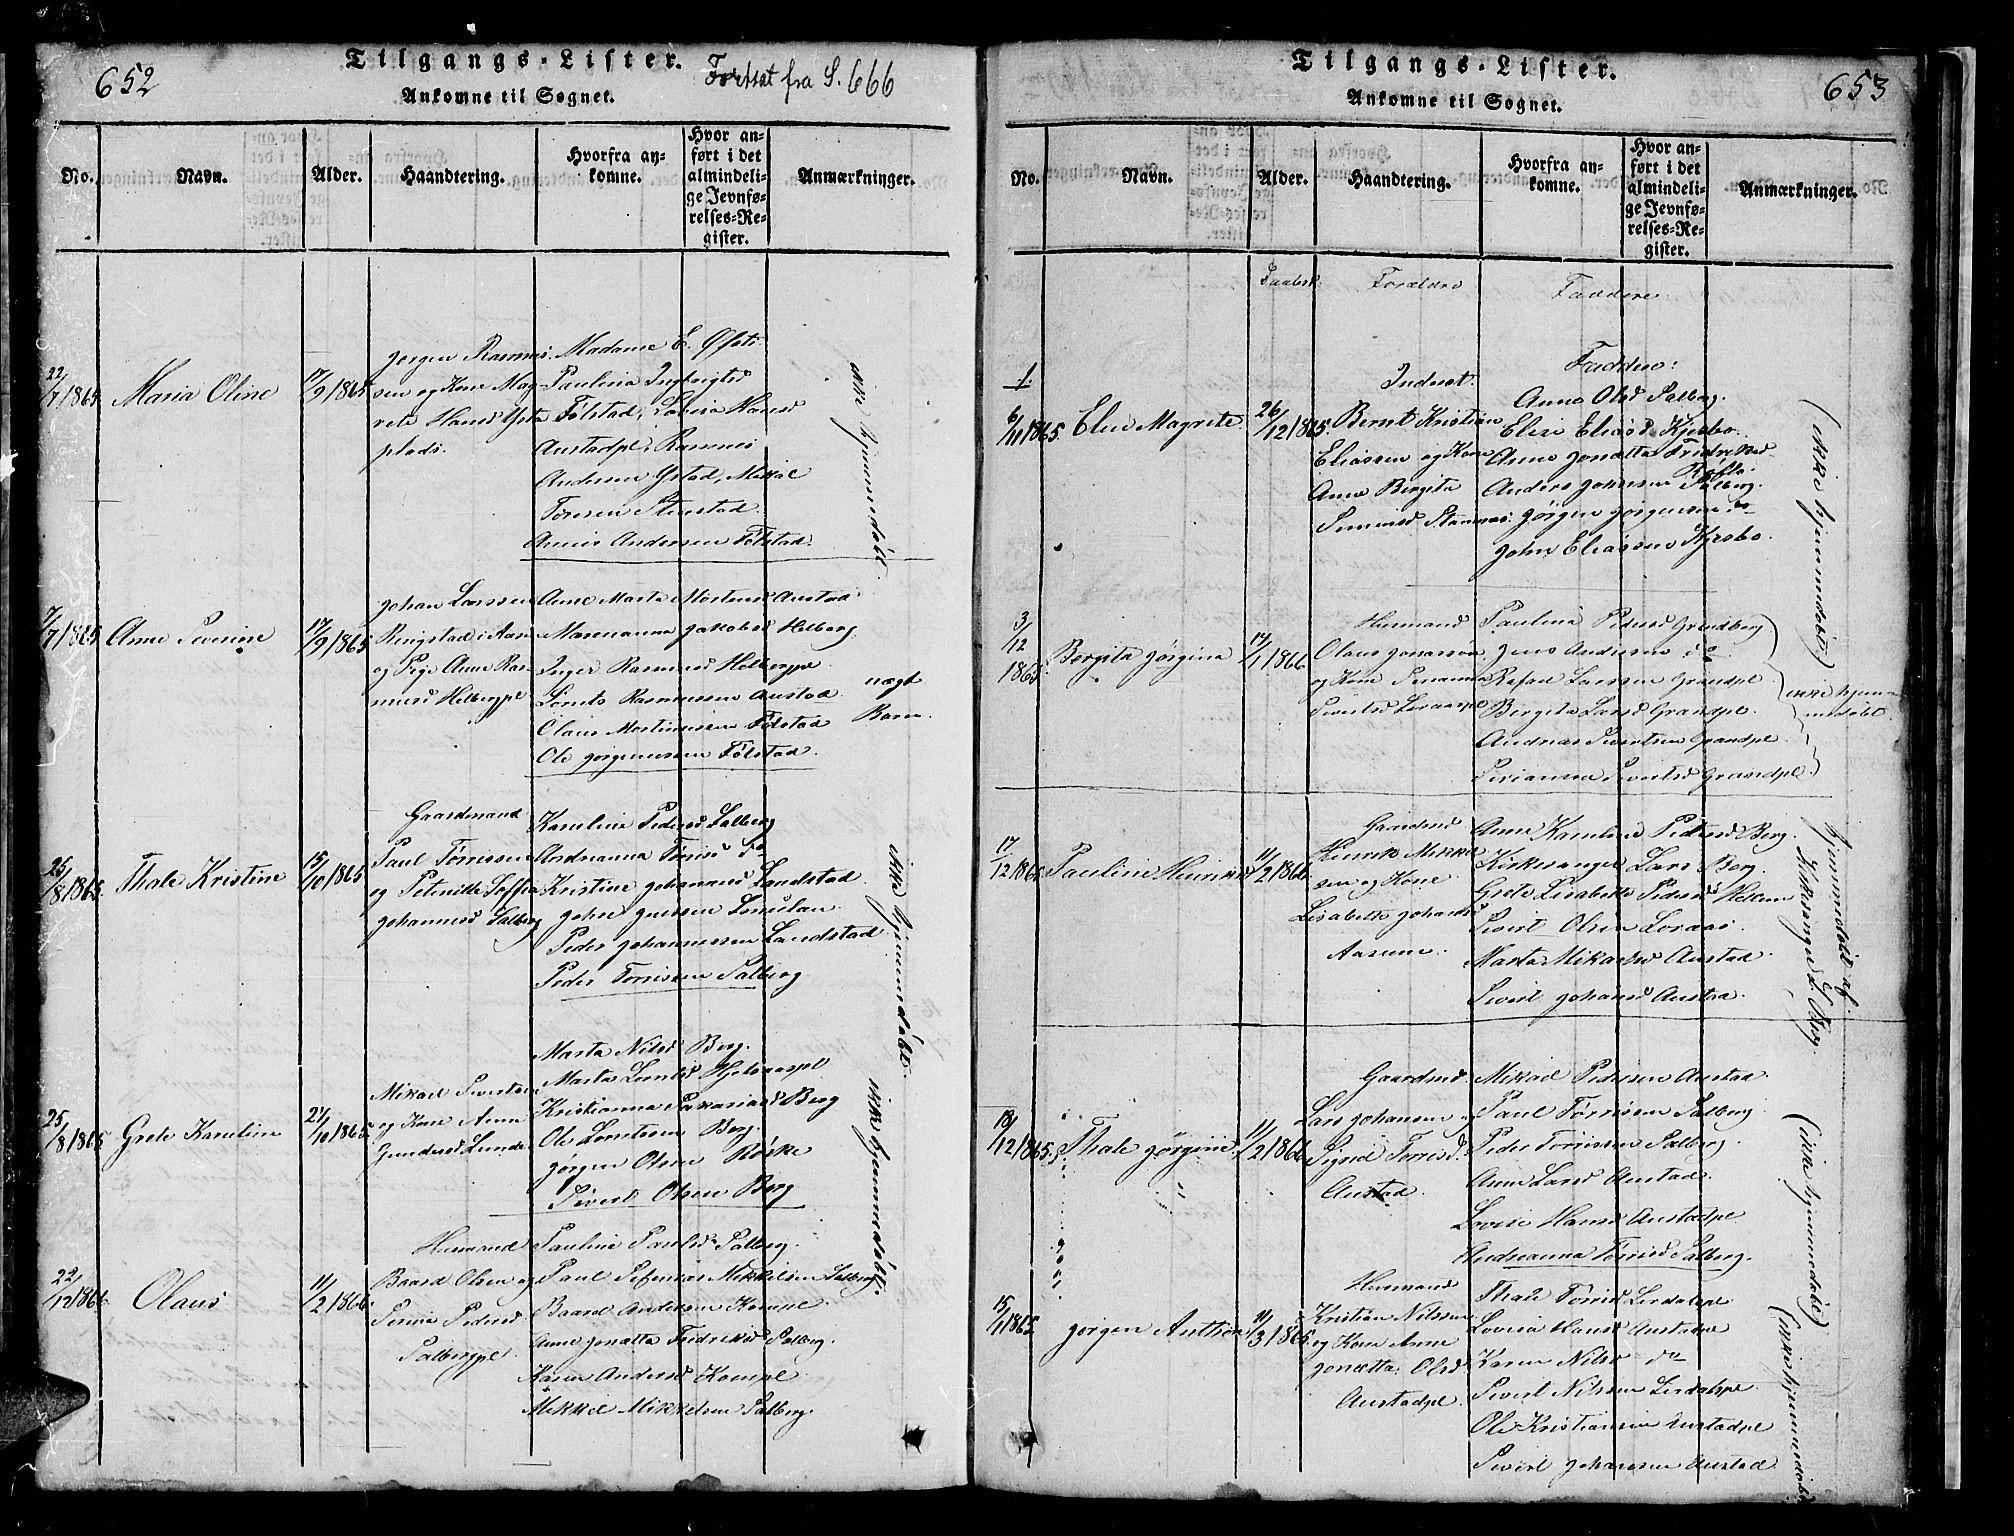 SAT, Ministerialprotokoller, klokkerbøker og fødselsregistre - Nord-Trøndelag, 731/L0310: Klokkerbok nr. 731C01, 1816-1874, s. 652-653